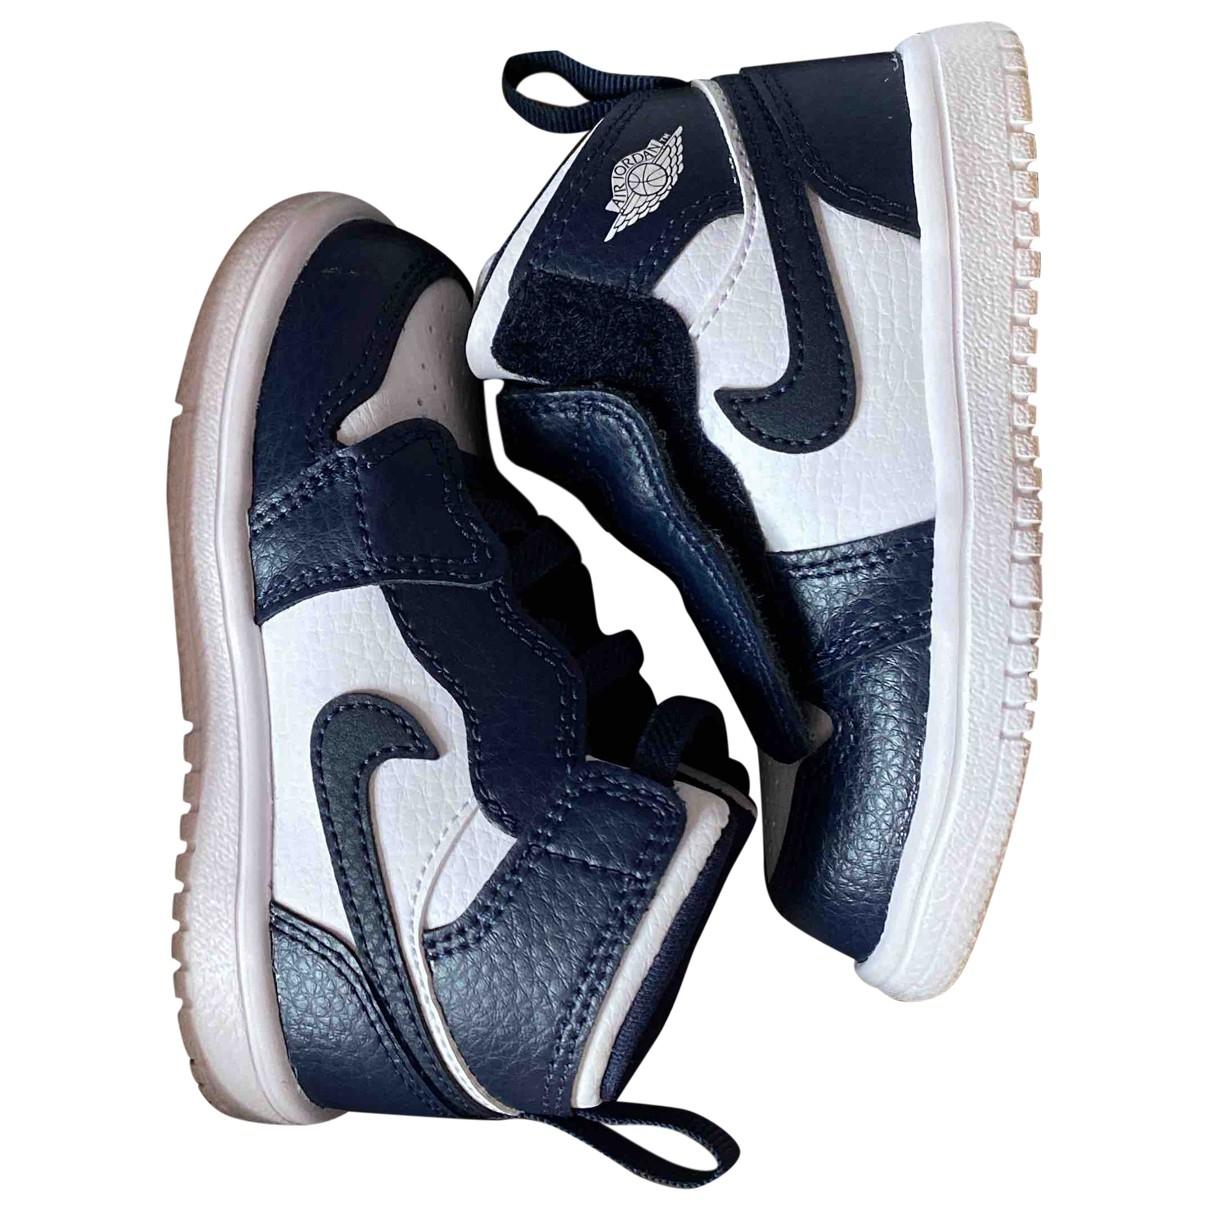 Jordan Air Jordan 1  Multicolour Leather Trainers for Kids 5.5 UK